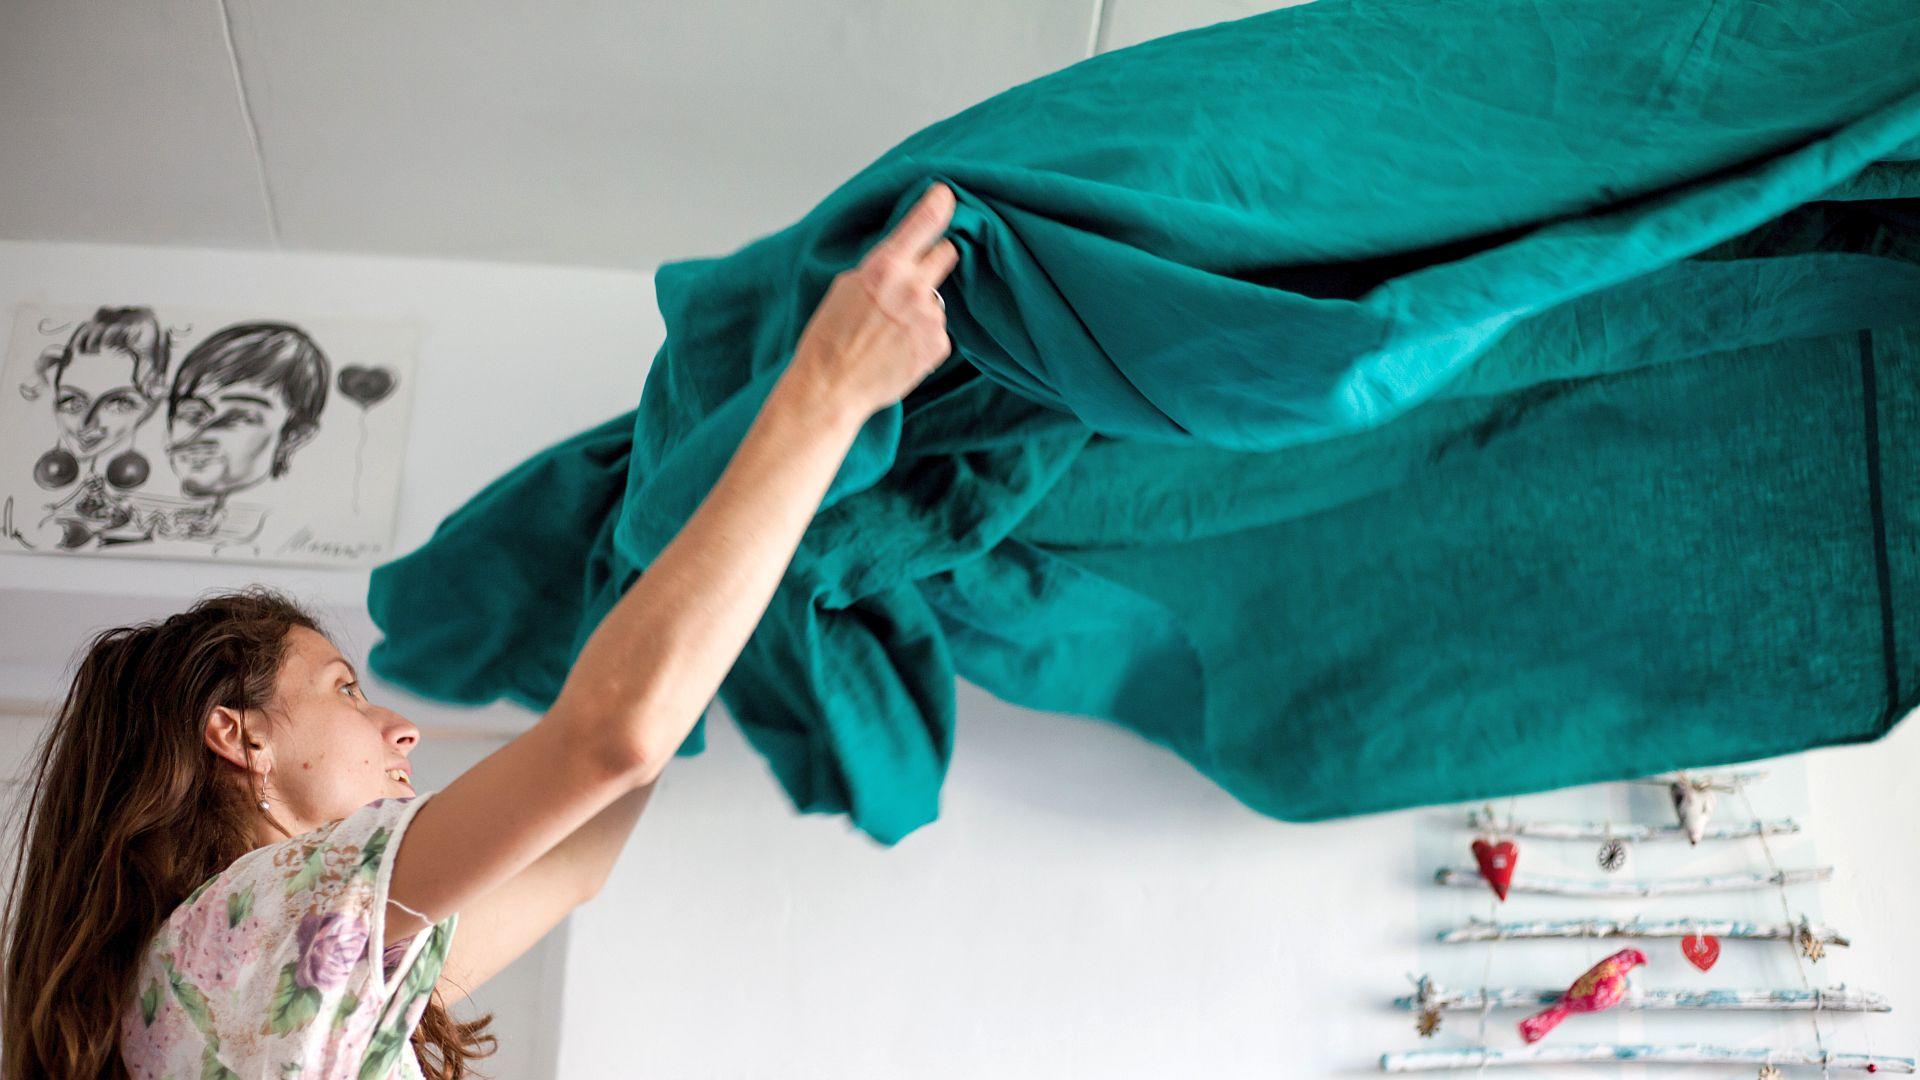 25 mei is het Gelderse thuiszorgbedrijf Vérian Care & Clean failliet verklaard. Is dit een gevolg van de lage tarieven die sommige gemeenten betalen voor de huishoudelijke verzorging?